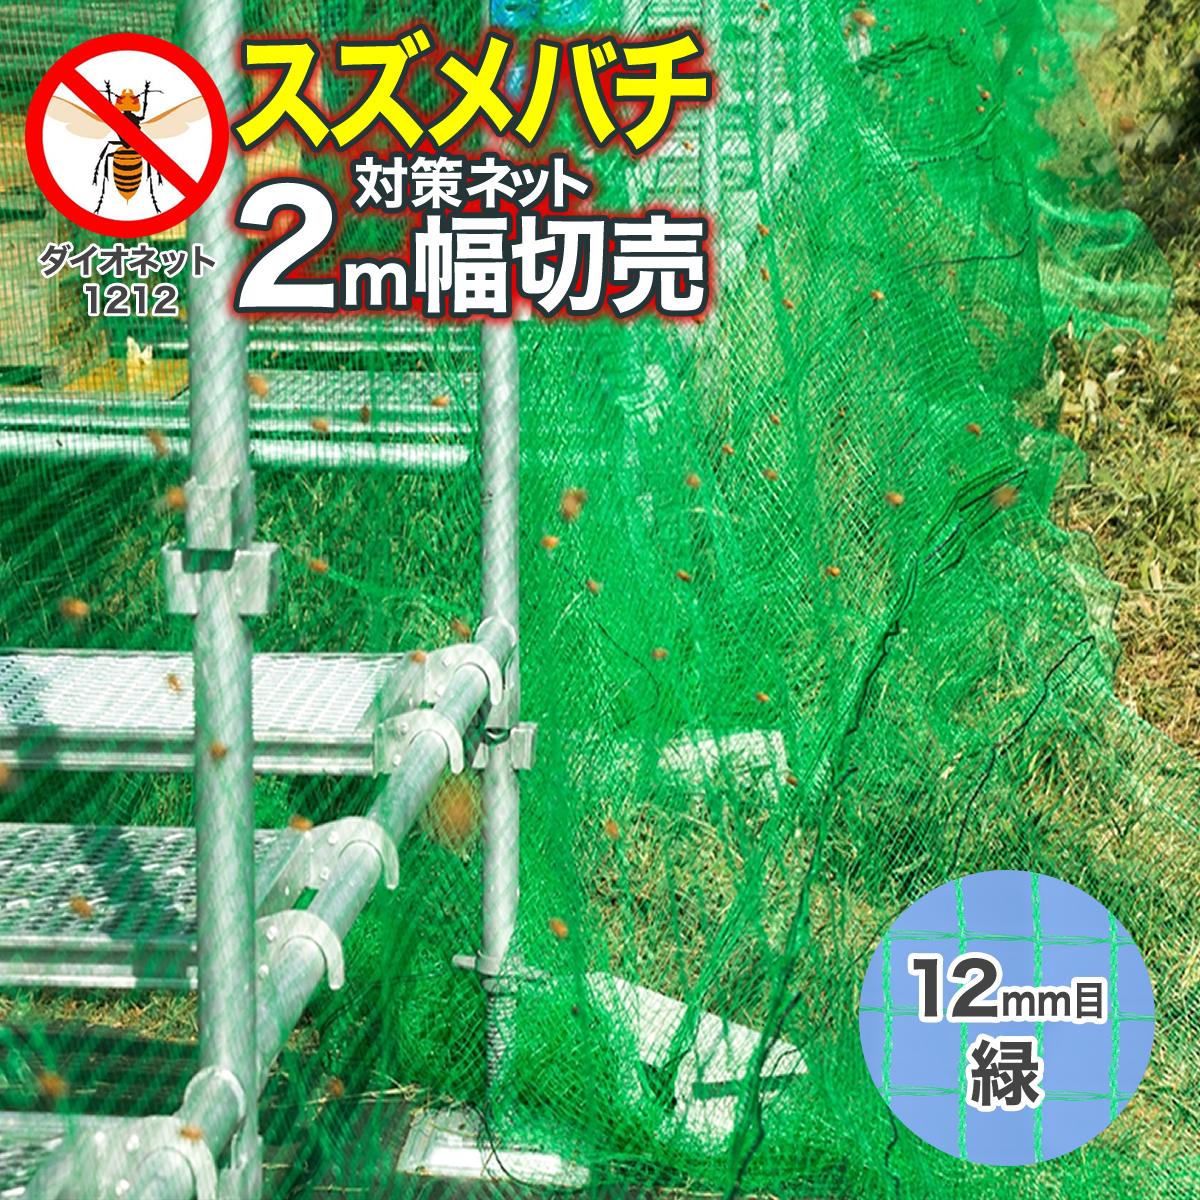 ブランド激安セール会場 養蜂用 西洋蜜蜂 日本蜜蜂 オオスズメバチ キイロスズメバチ対策に 鳥よけ ツバメよけにも最適 スズメバチ対策ネット ダイオネット1212 約12mm目 緑 ミツバチ ダイオ お好みの長さ 養蜂向け 2m幅 代引き不可 代引き対象外 でご注文 オープニング 大放出セール 切売 オス蜂が通りやすい網目が大きめのタイプ m単位